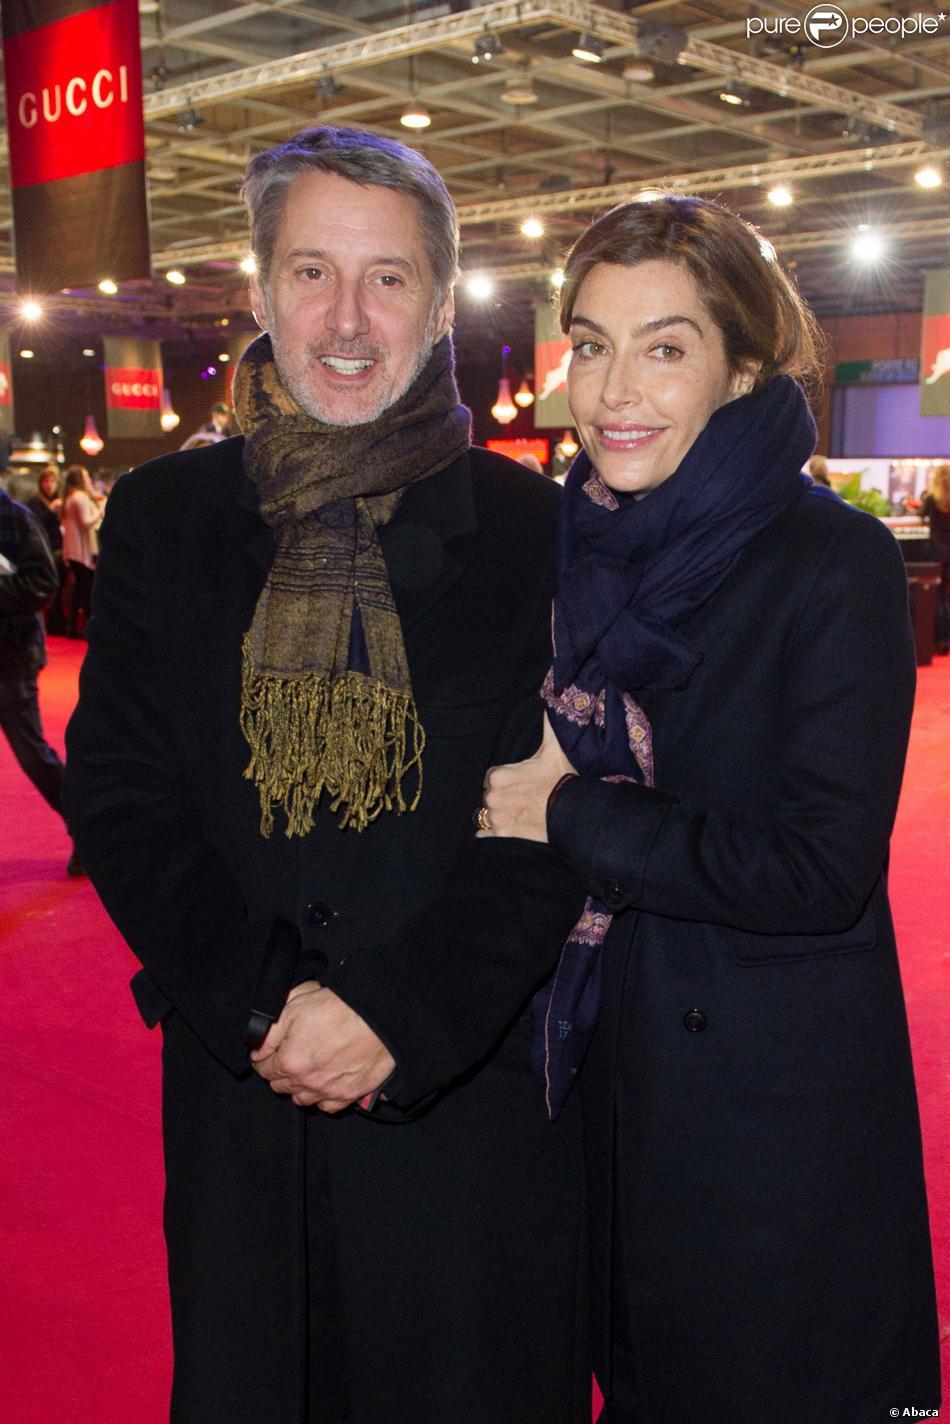 Antoine de Caunes et Daphné Roulier lors du Grand Prix Gucci au dernier jour du Gucci Paris Masters à Villepinte le 8 décembre 2013